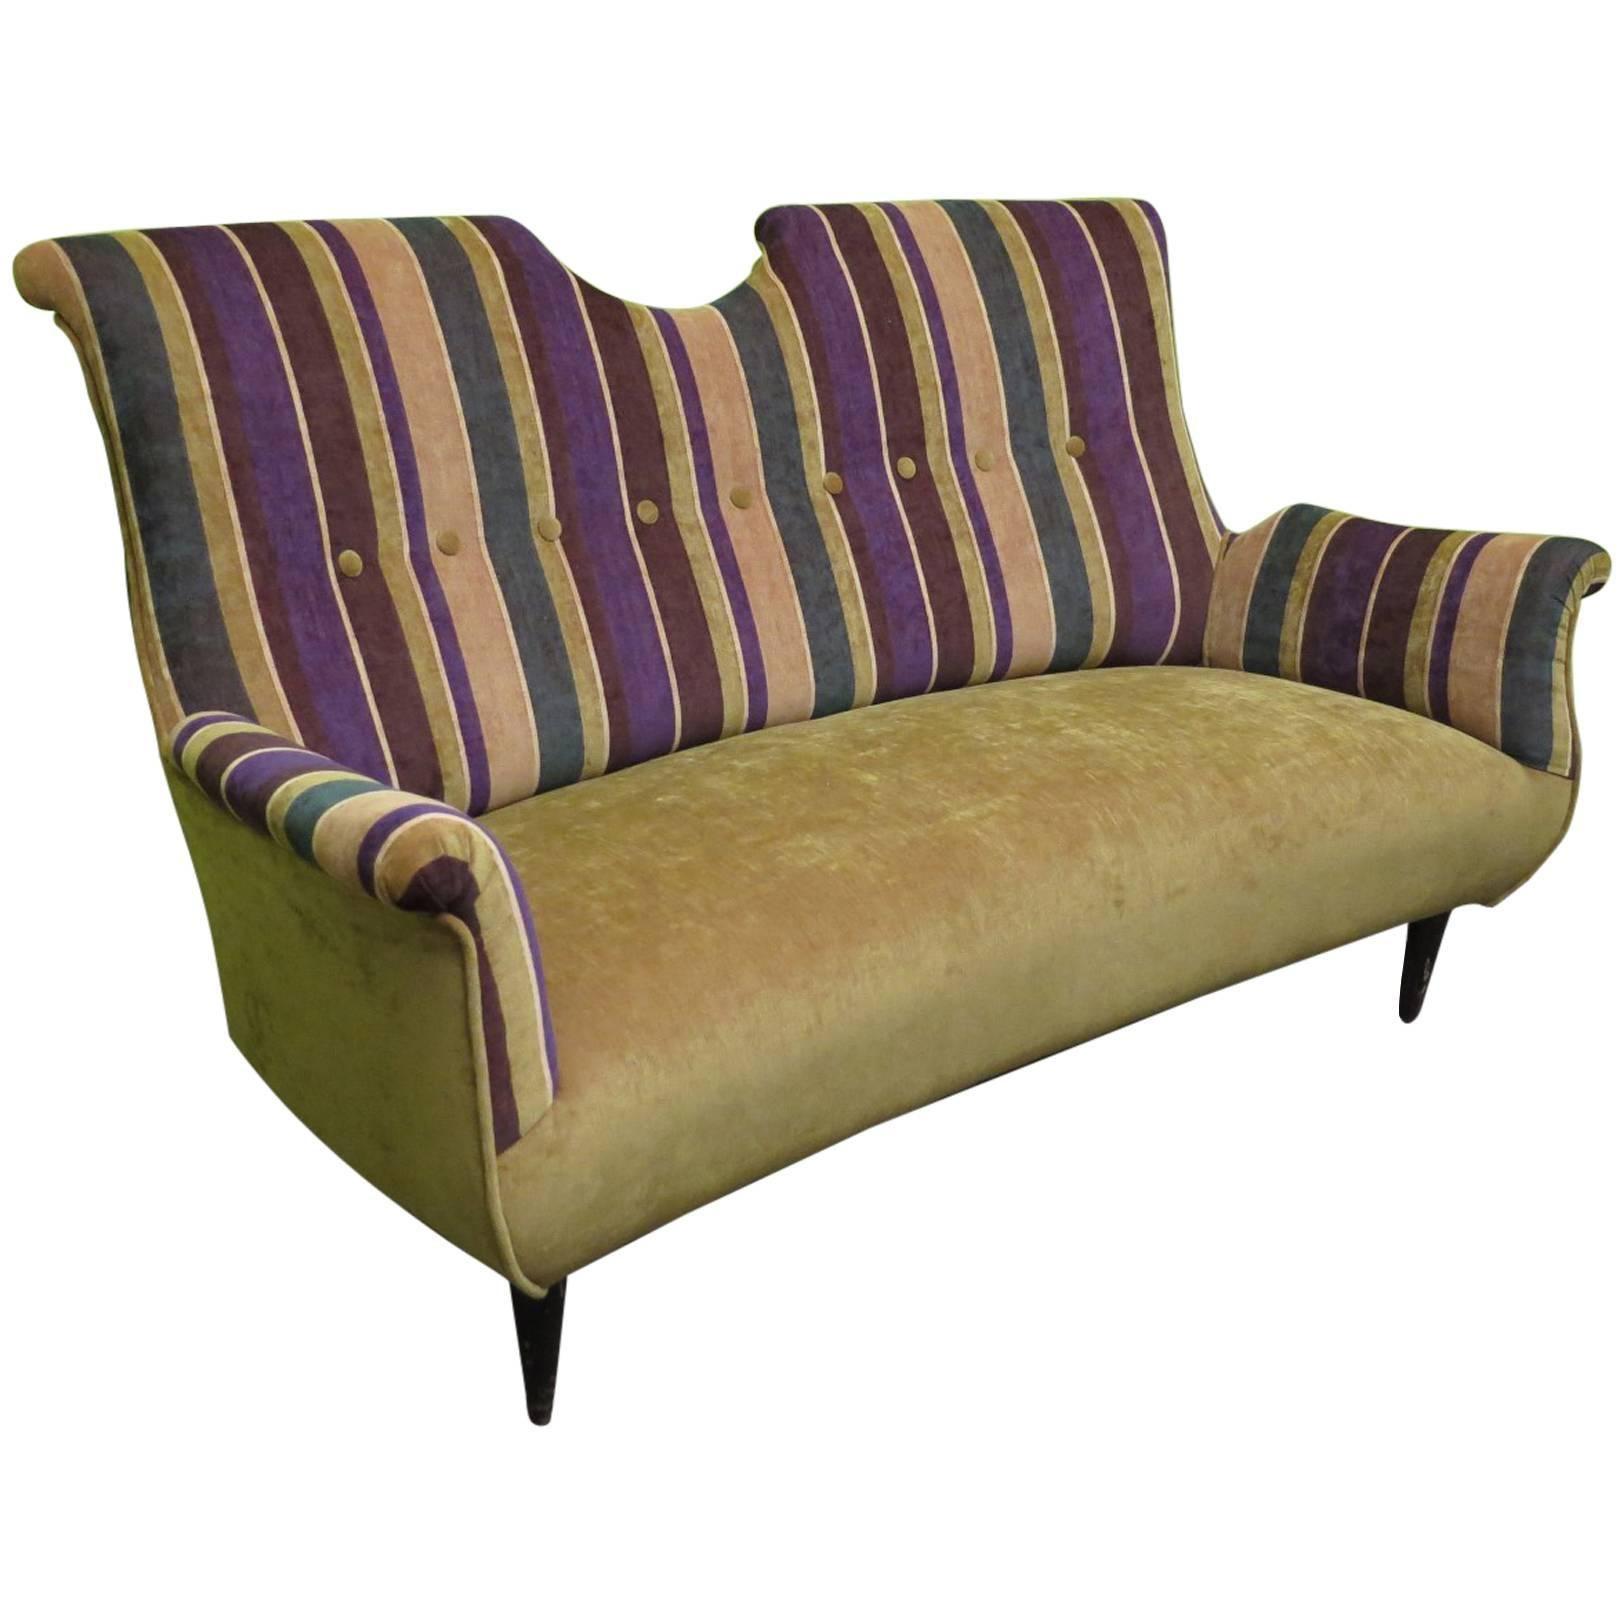 Midcentury with Velvet Bicolored Italian Sofa, 1950